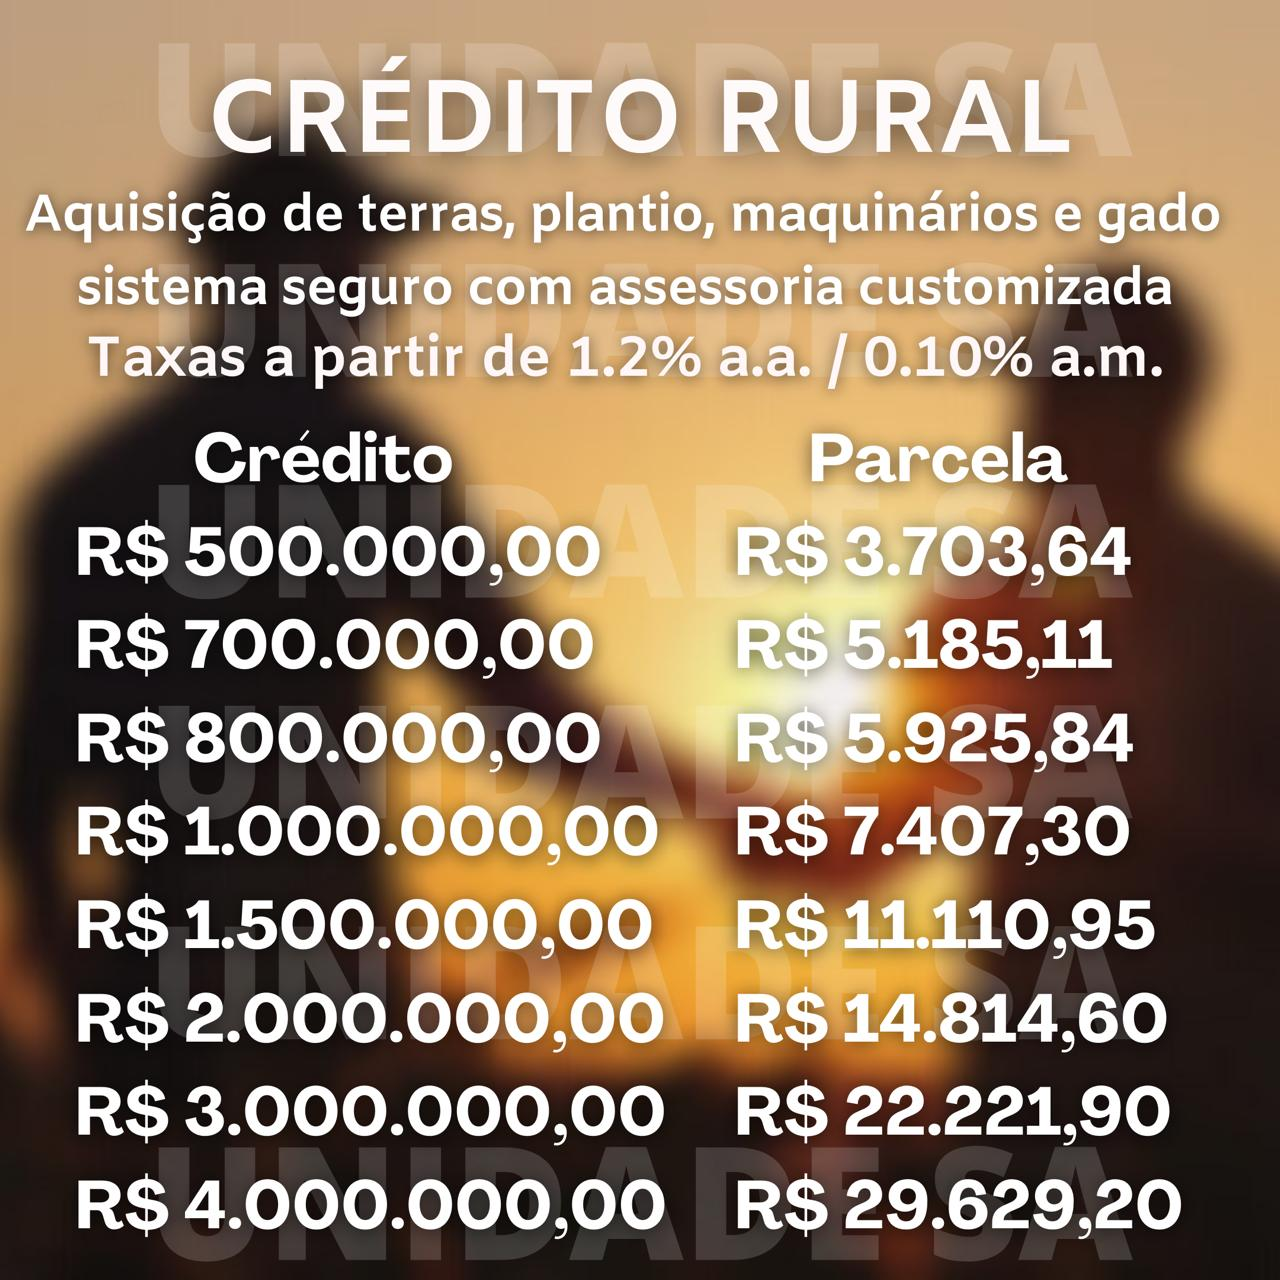 CRÉDITO RURAL, CAP GIRO